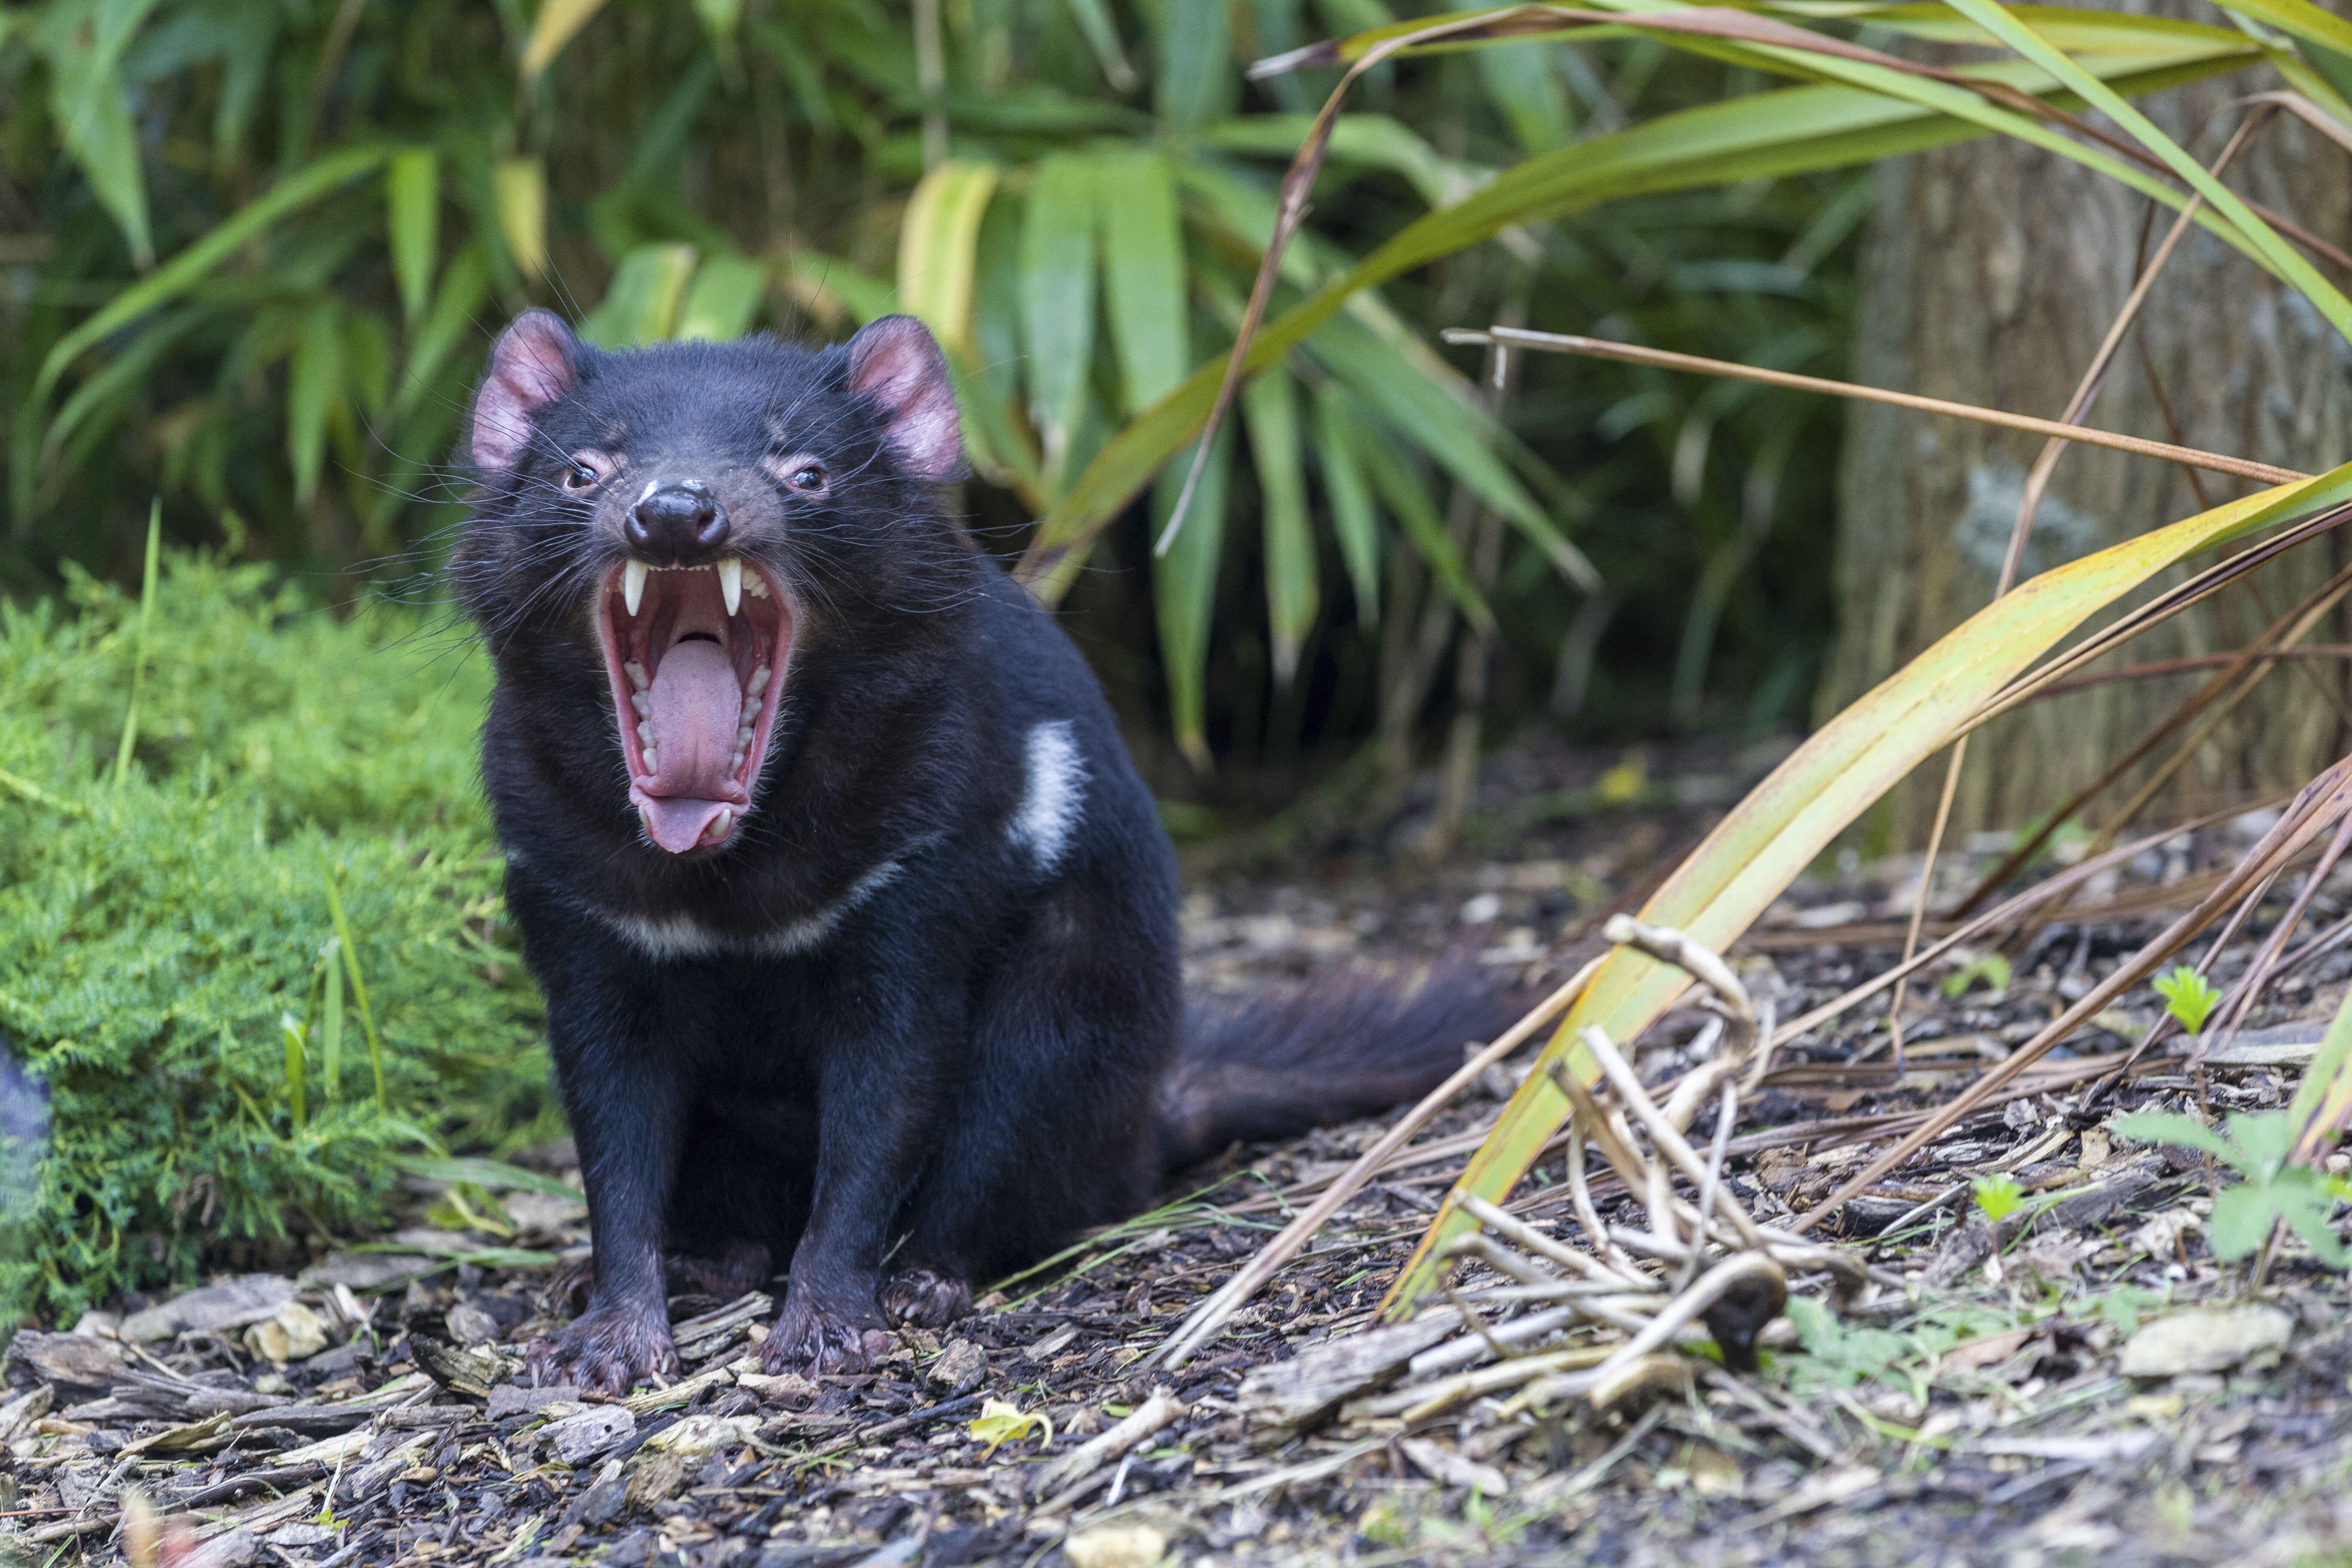 Kihalásuk után háromezer évvel újra erszényes ördögök születtek a vadonban Ausztráliában